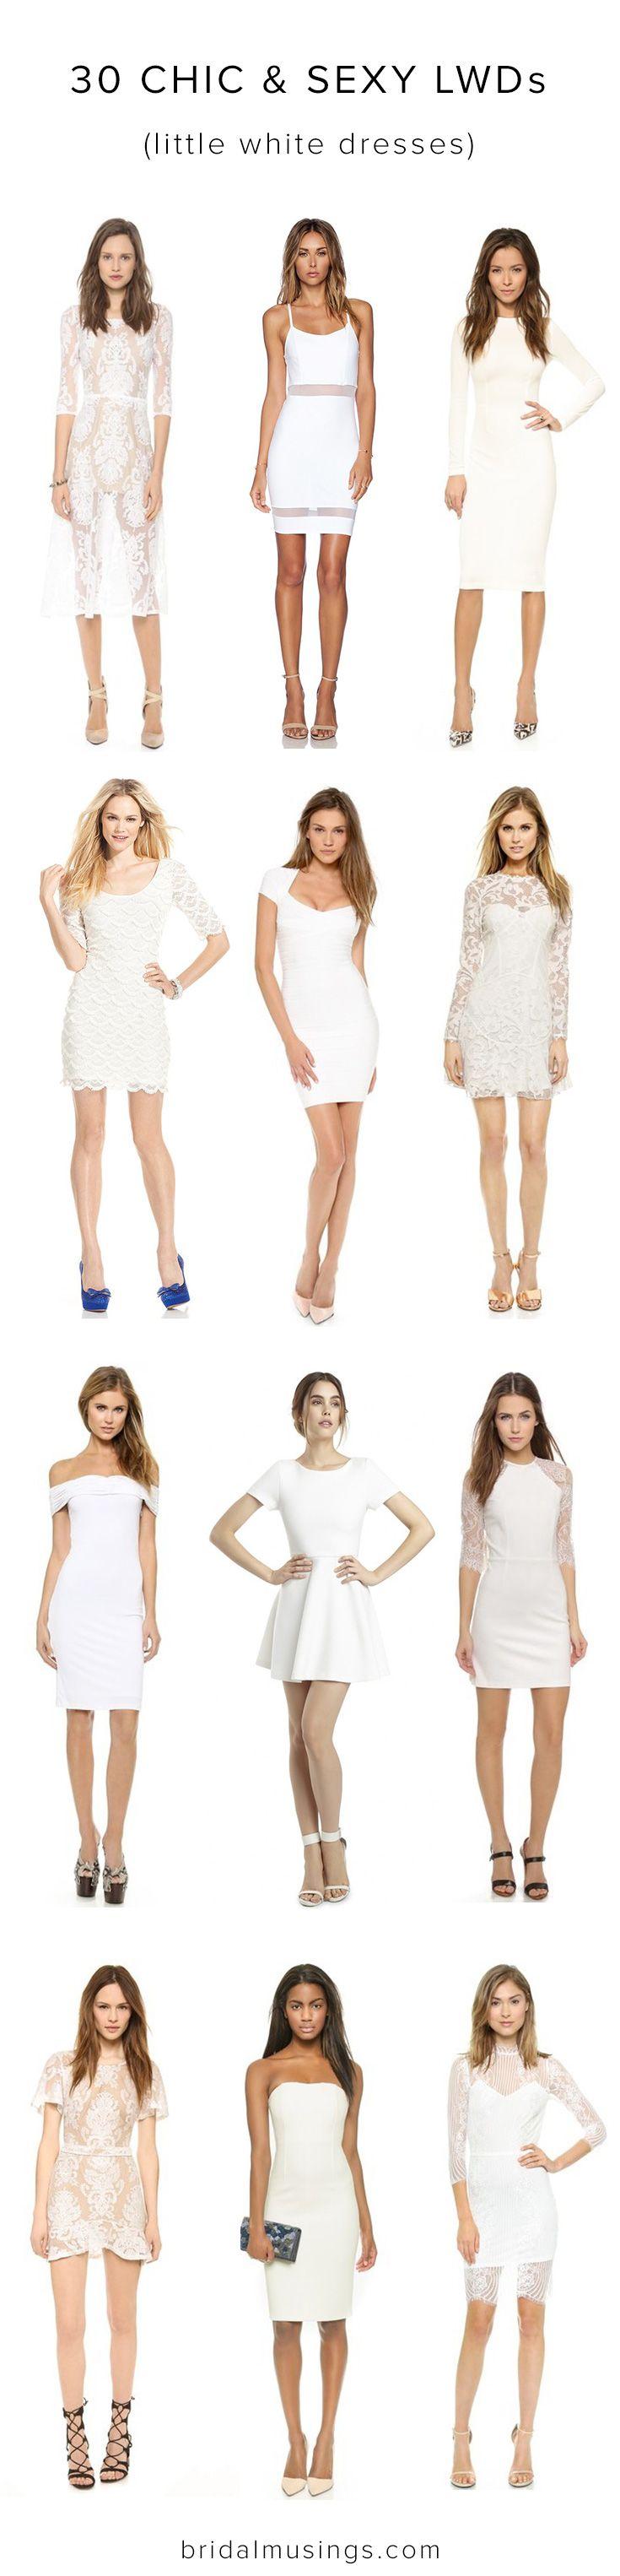 30 Chic and Sexy Little White Dresses | Nähprojekte und Kleider